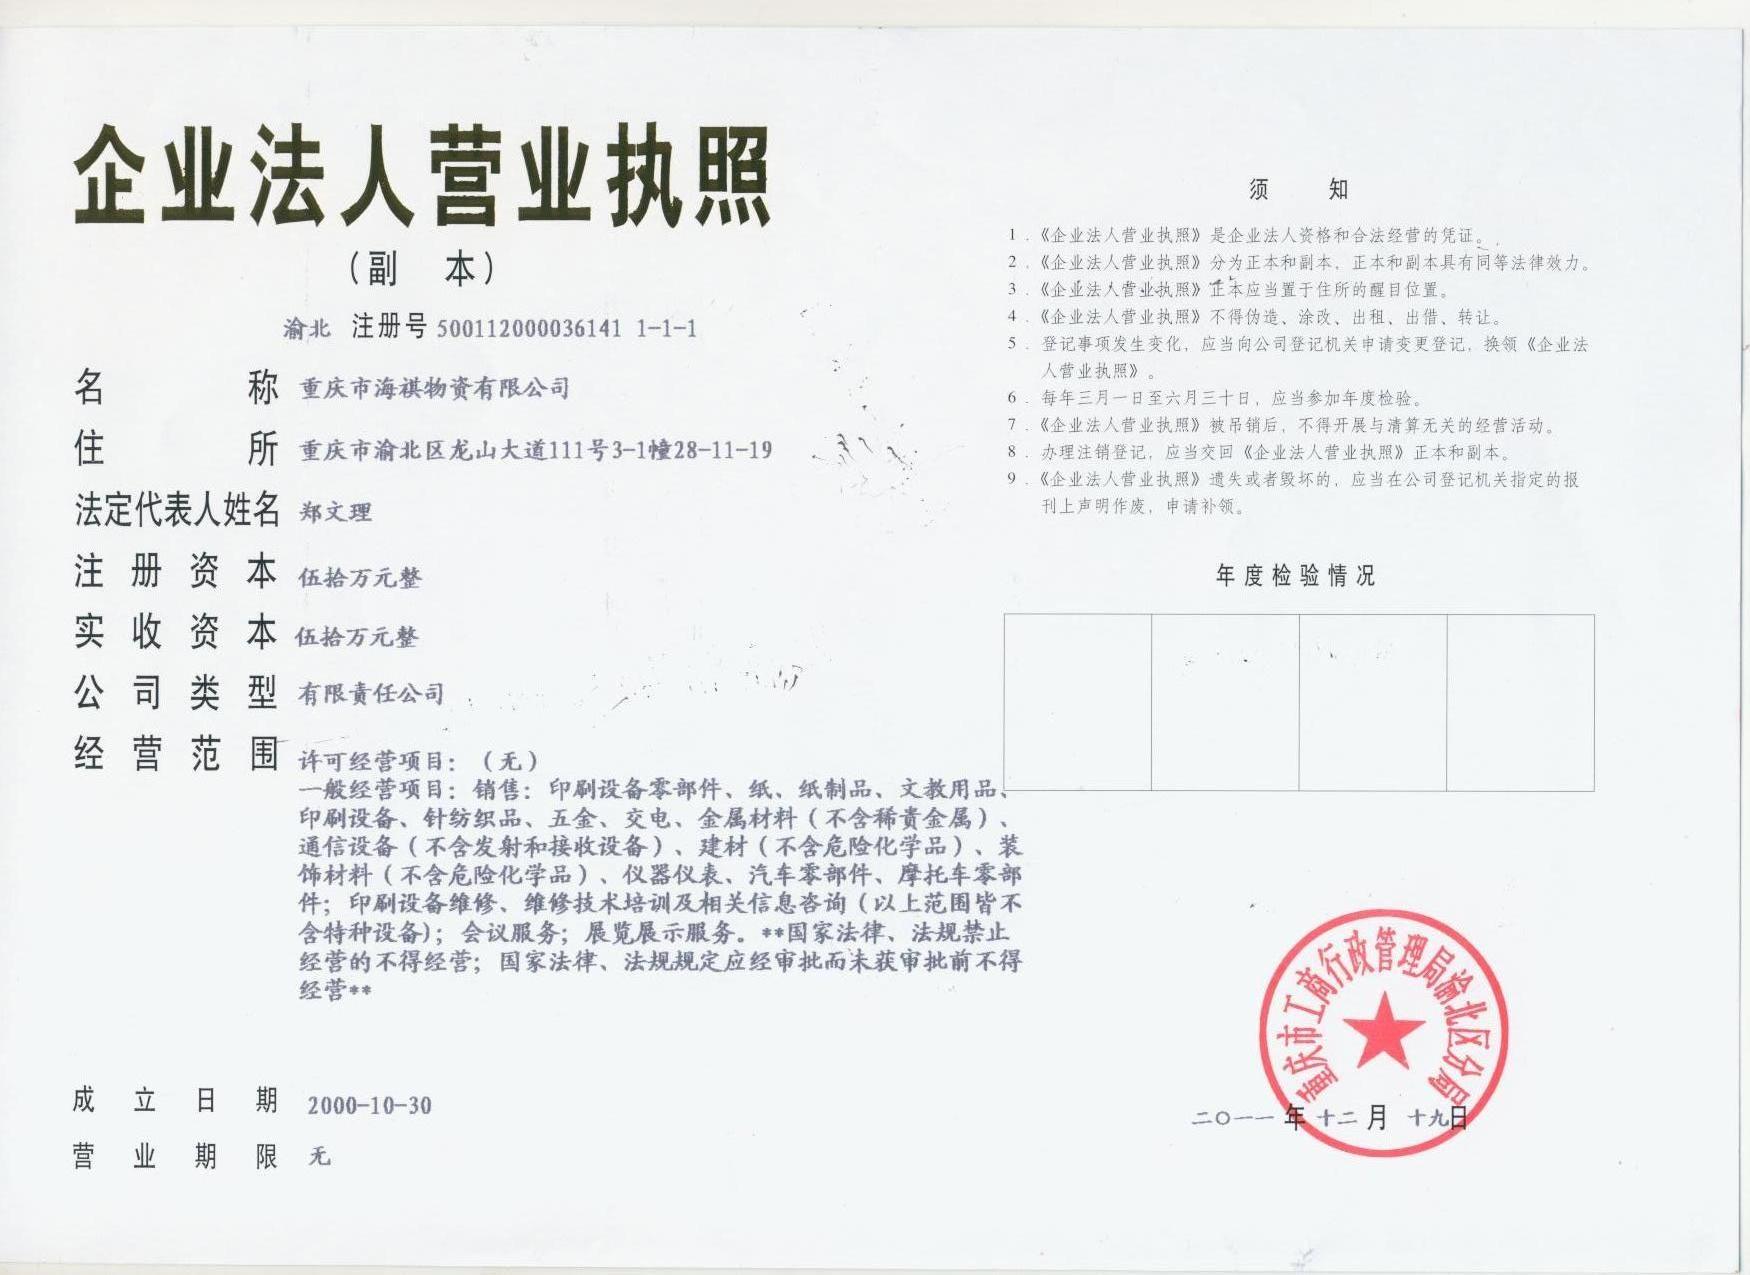 重庆市海祺物资有限公司2018招聘信息_电话_地址